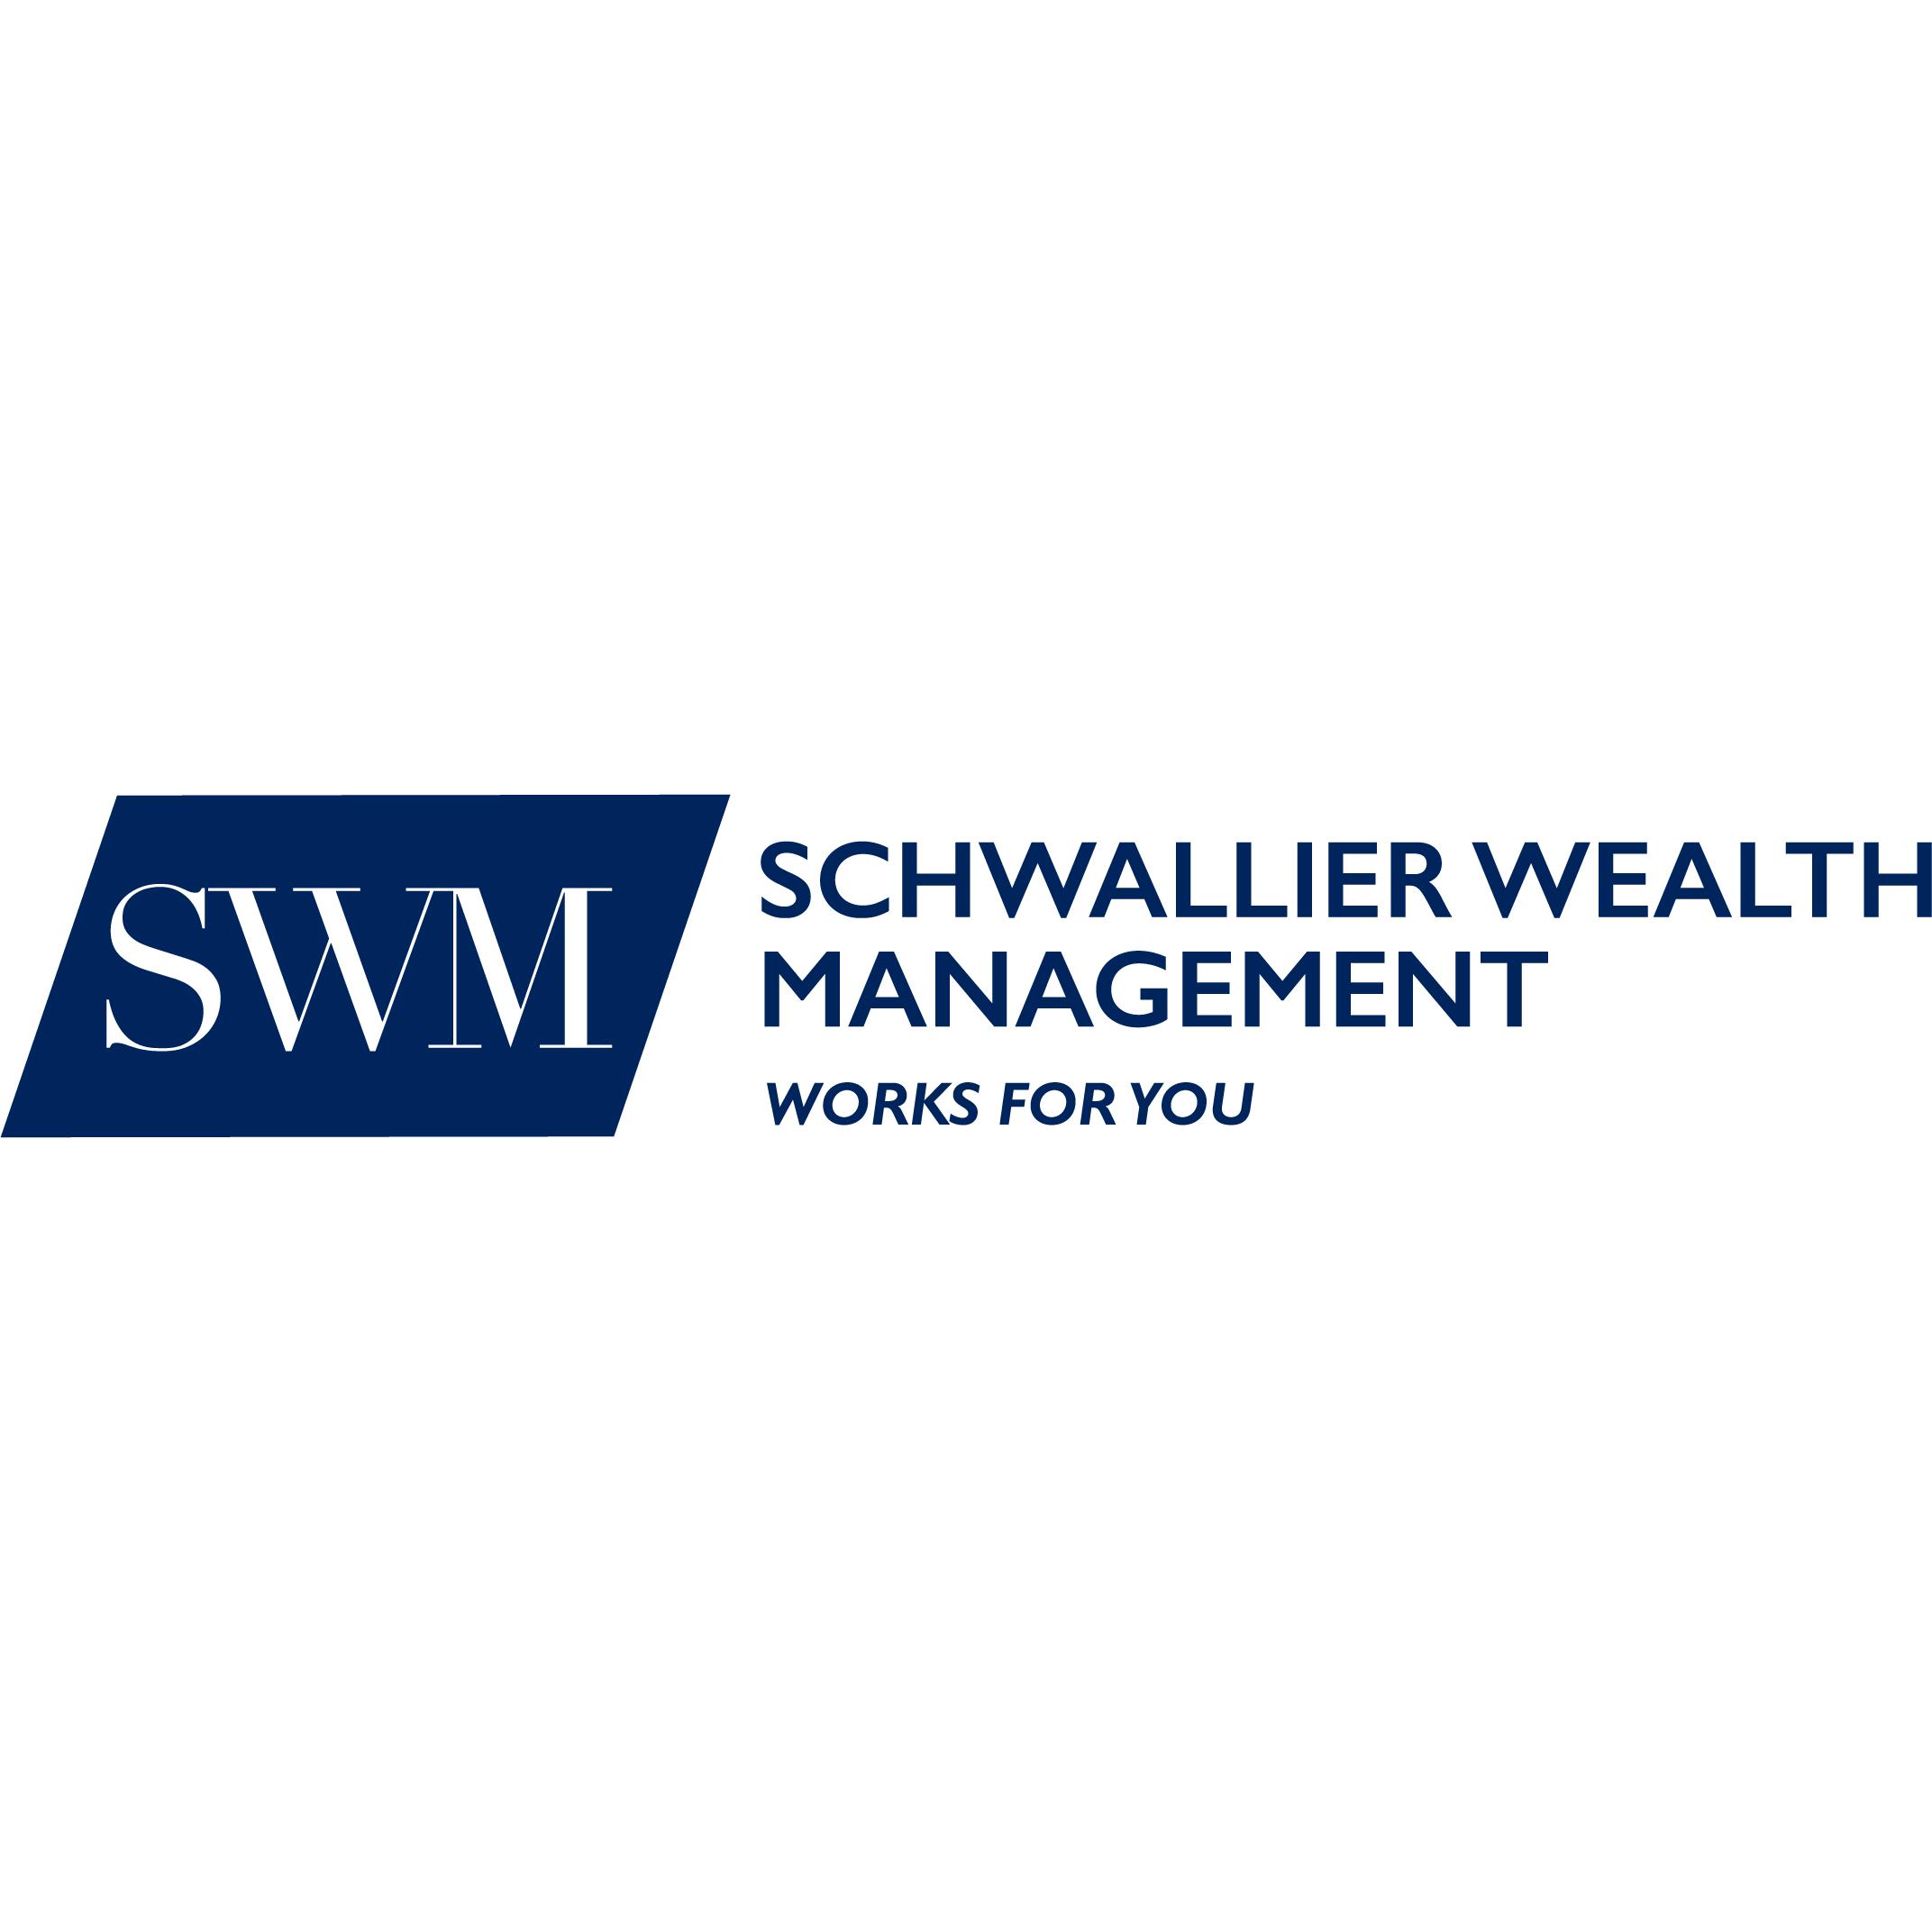 Schwallier Wealth Management